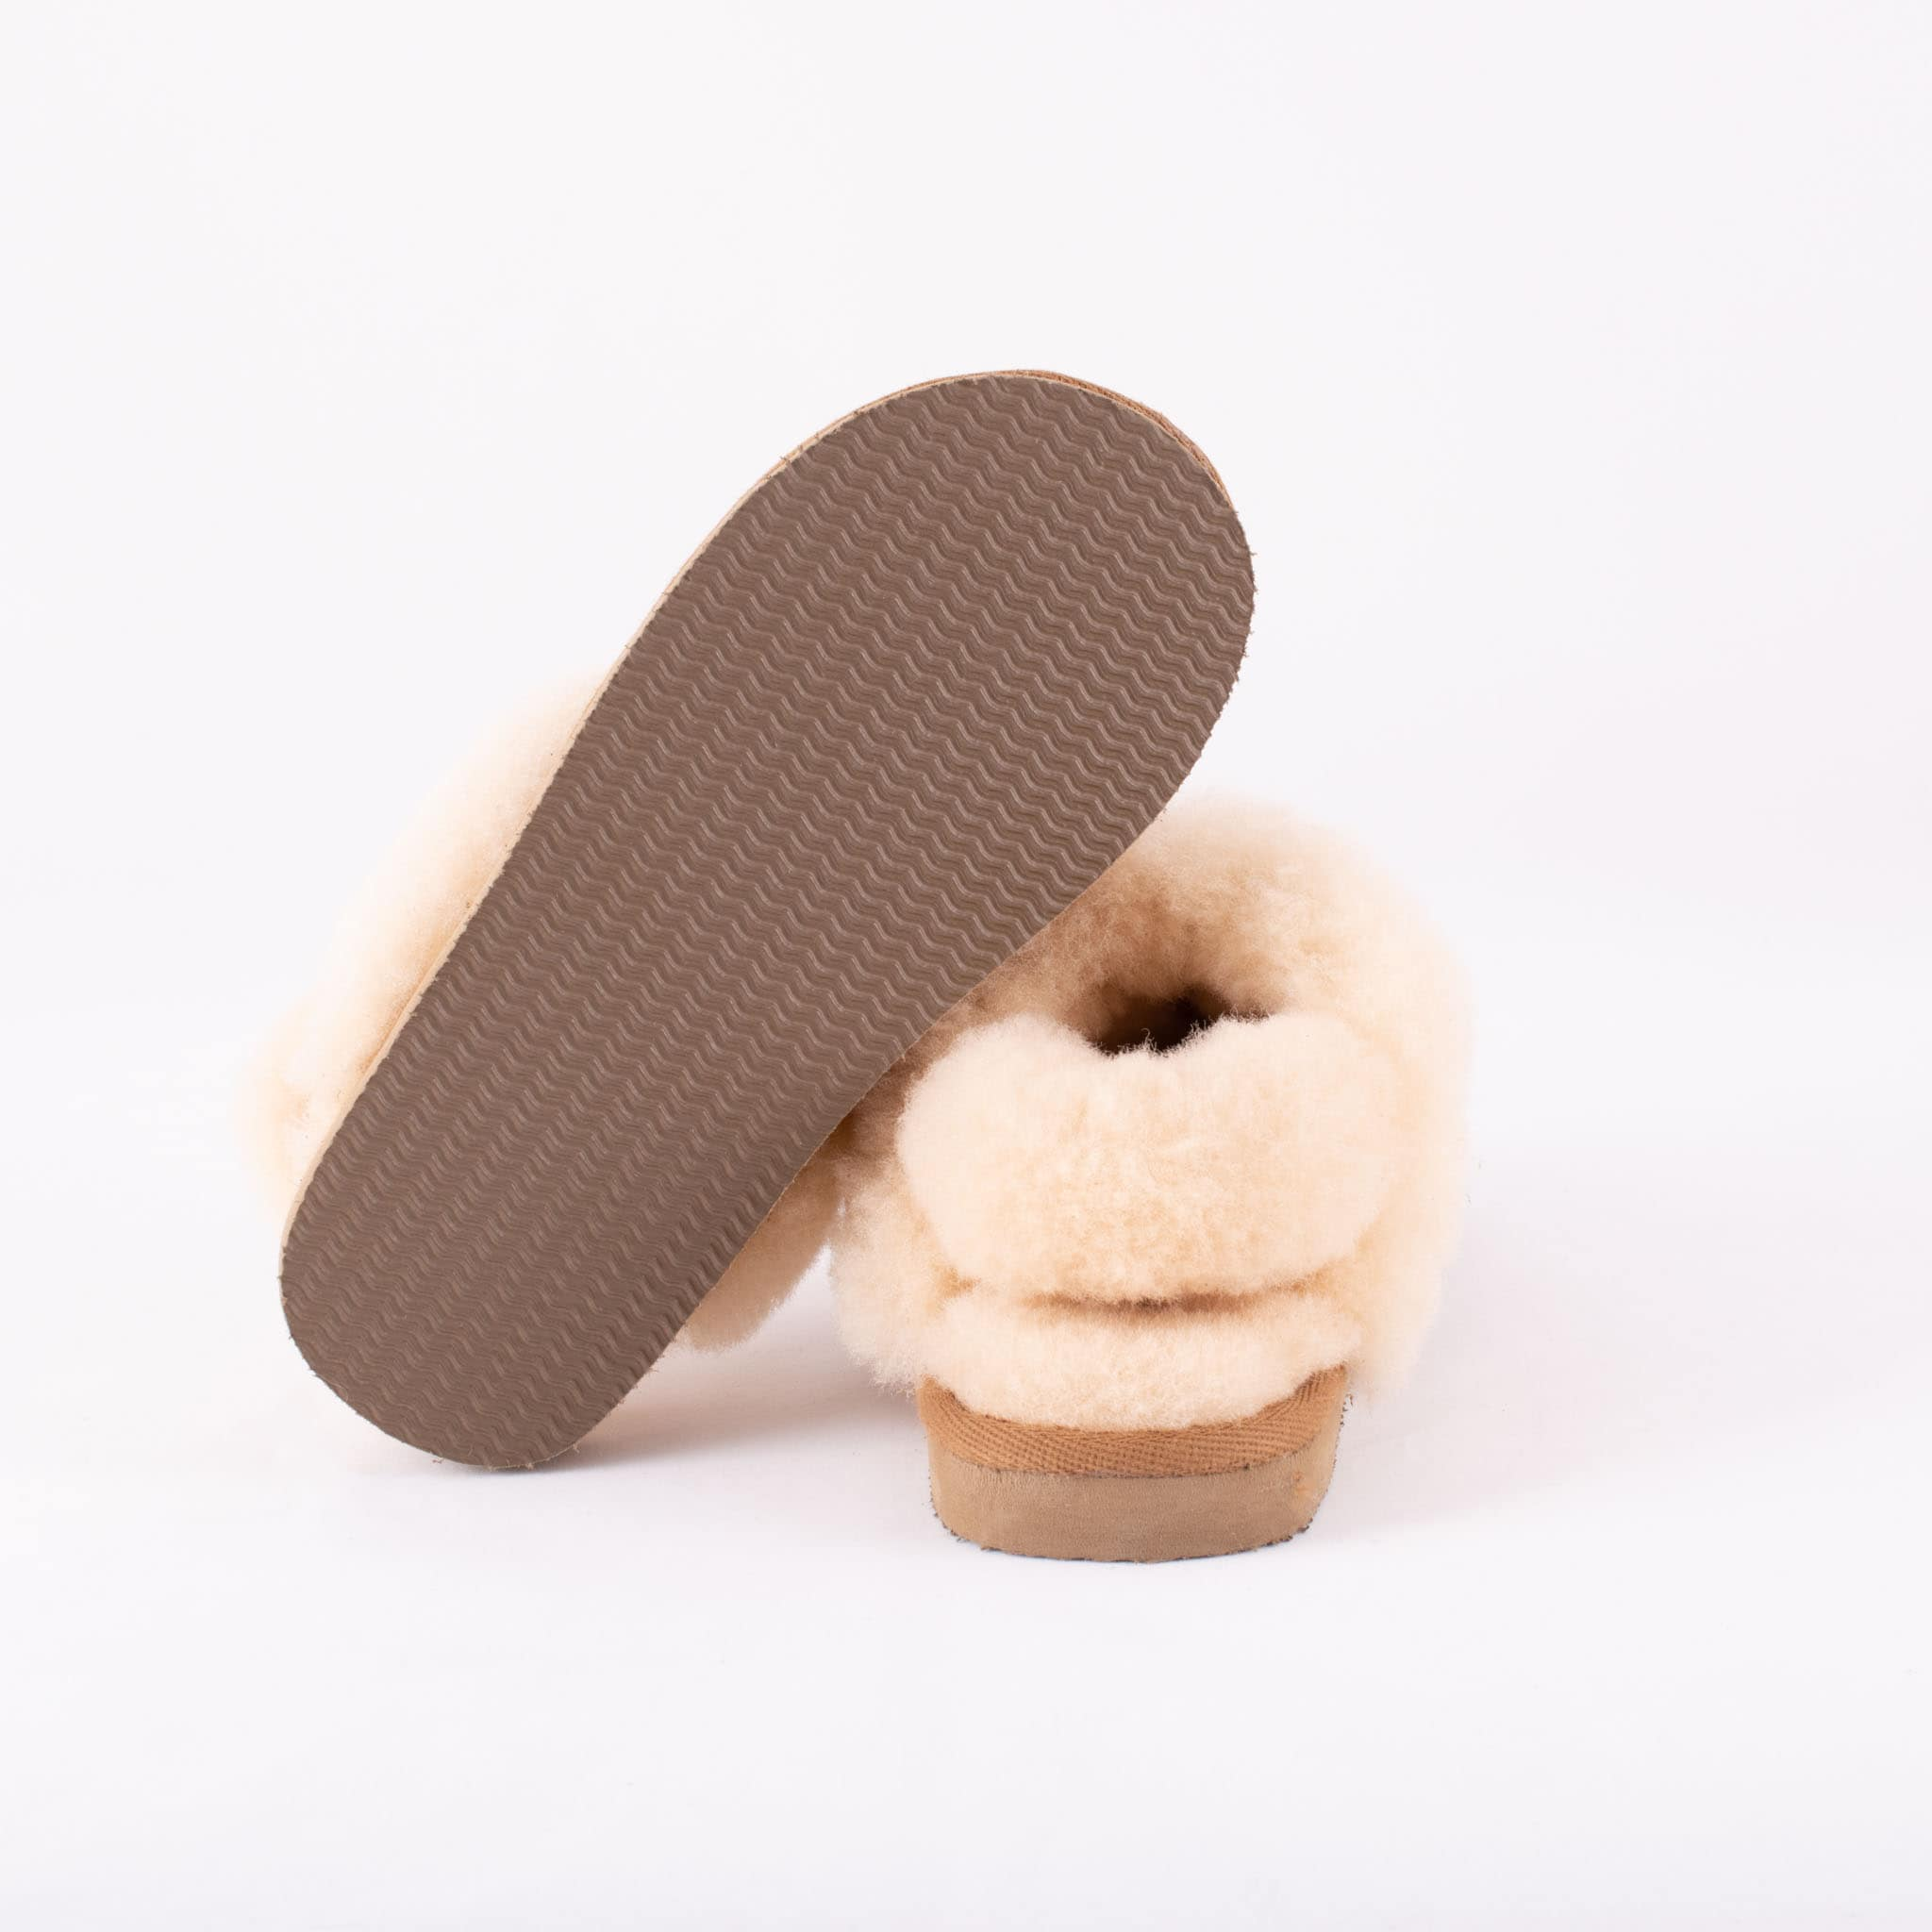 Helsingborg slippers